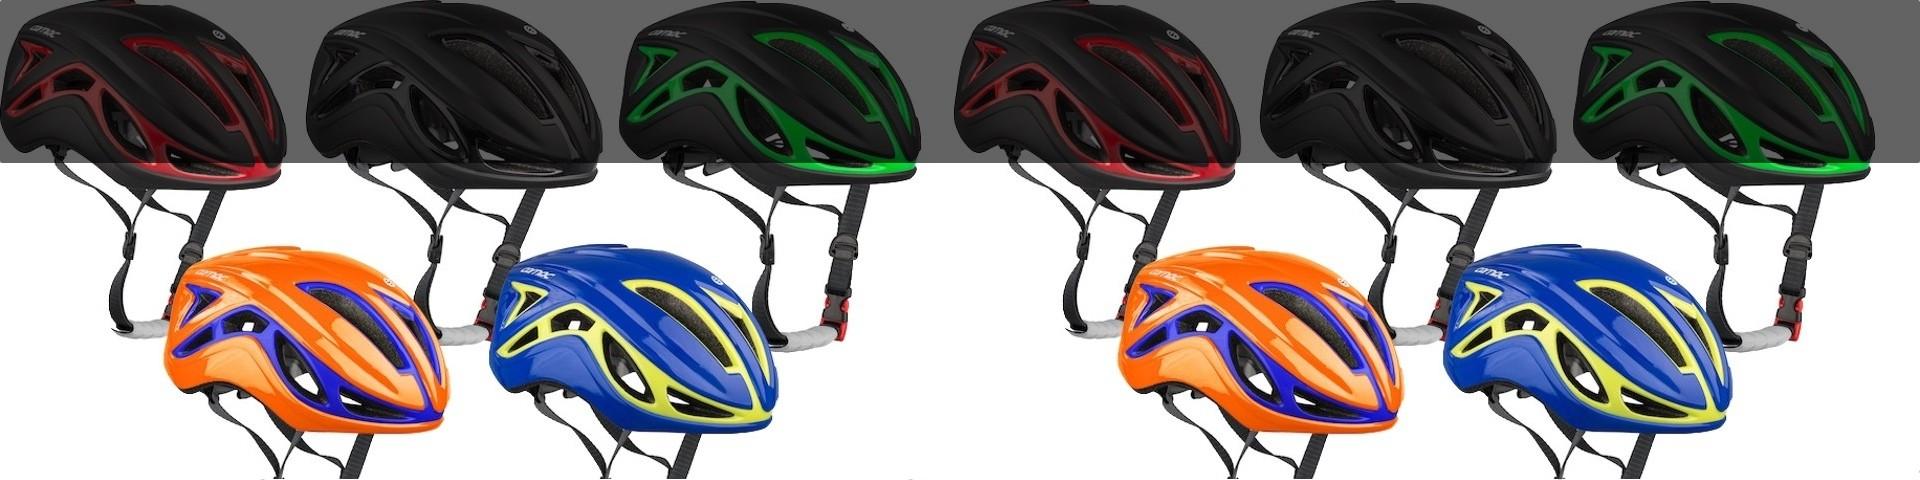 Notos Helmet